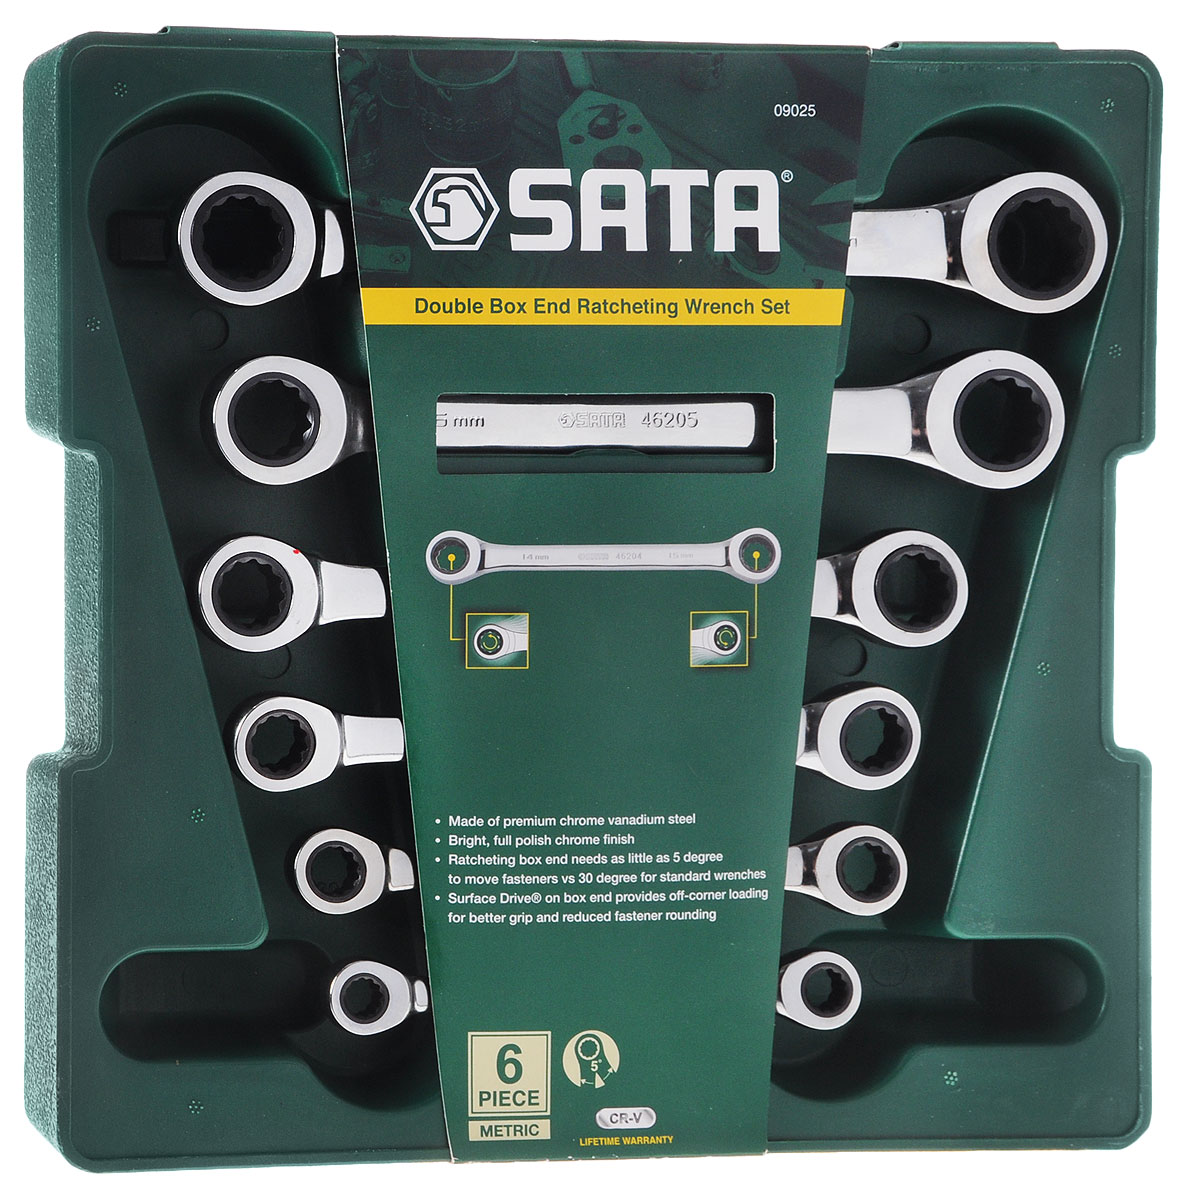 Набор ключей накидных SATA, 6 предметов1690068Набор накидных ключей SATA станет отличным помощником монтажнику или владельцу авто. Этот набор обеспечит надежную фиксацию на гранях крепежа. Ключи изготовлены из хромованадиевой стали. Профиль кольцевого зева имеет 12 граней, что увеличивает площадь соприкосновения рабочих поверхностей и снижает риск деформации граней крепежа при монтаже. В накидных ключах SATA используется патент формы Surface Drive® увеличивающий прочность накидного наконечника и препятствующий «скруглению» ребер крепежного элемента на 25%, продлевая срок службы откручиваемых поверхностей.В набор входят: - поддон для хранения ключей;- ключи: 8 х 9, 10 х 11, 12 х 13, 14 х 15, 16 х 18, 17 х 19 мм.